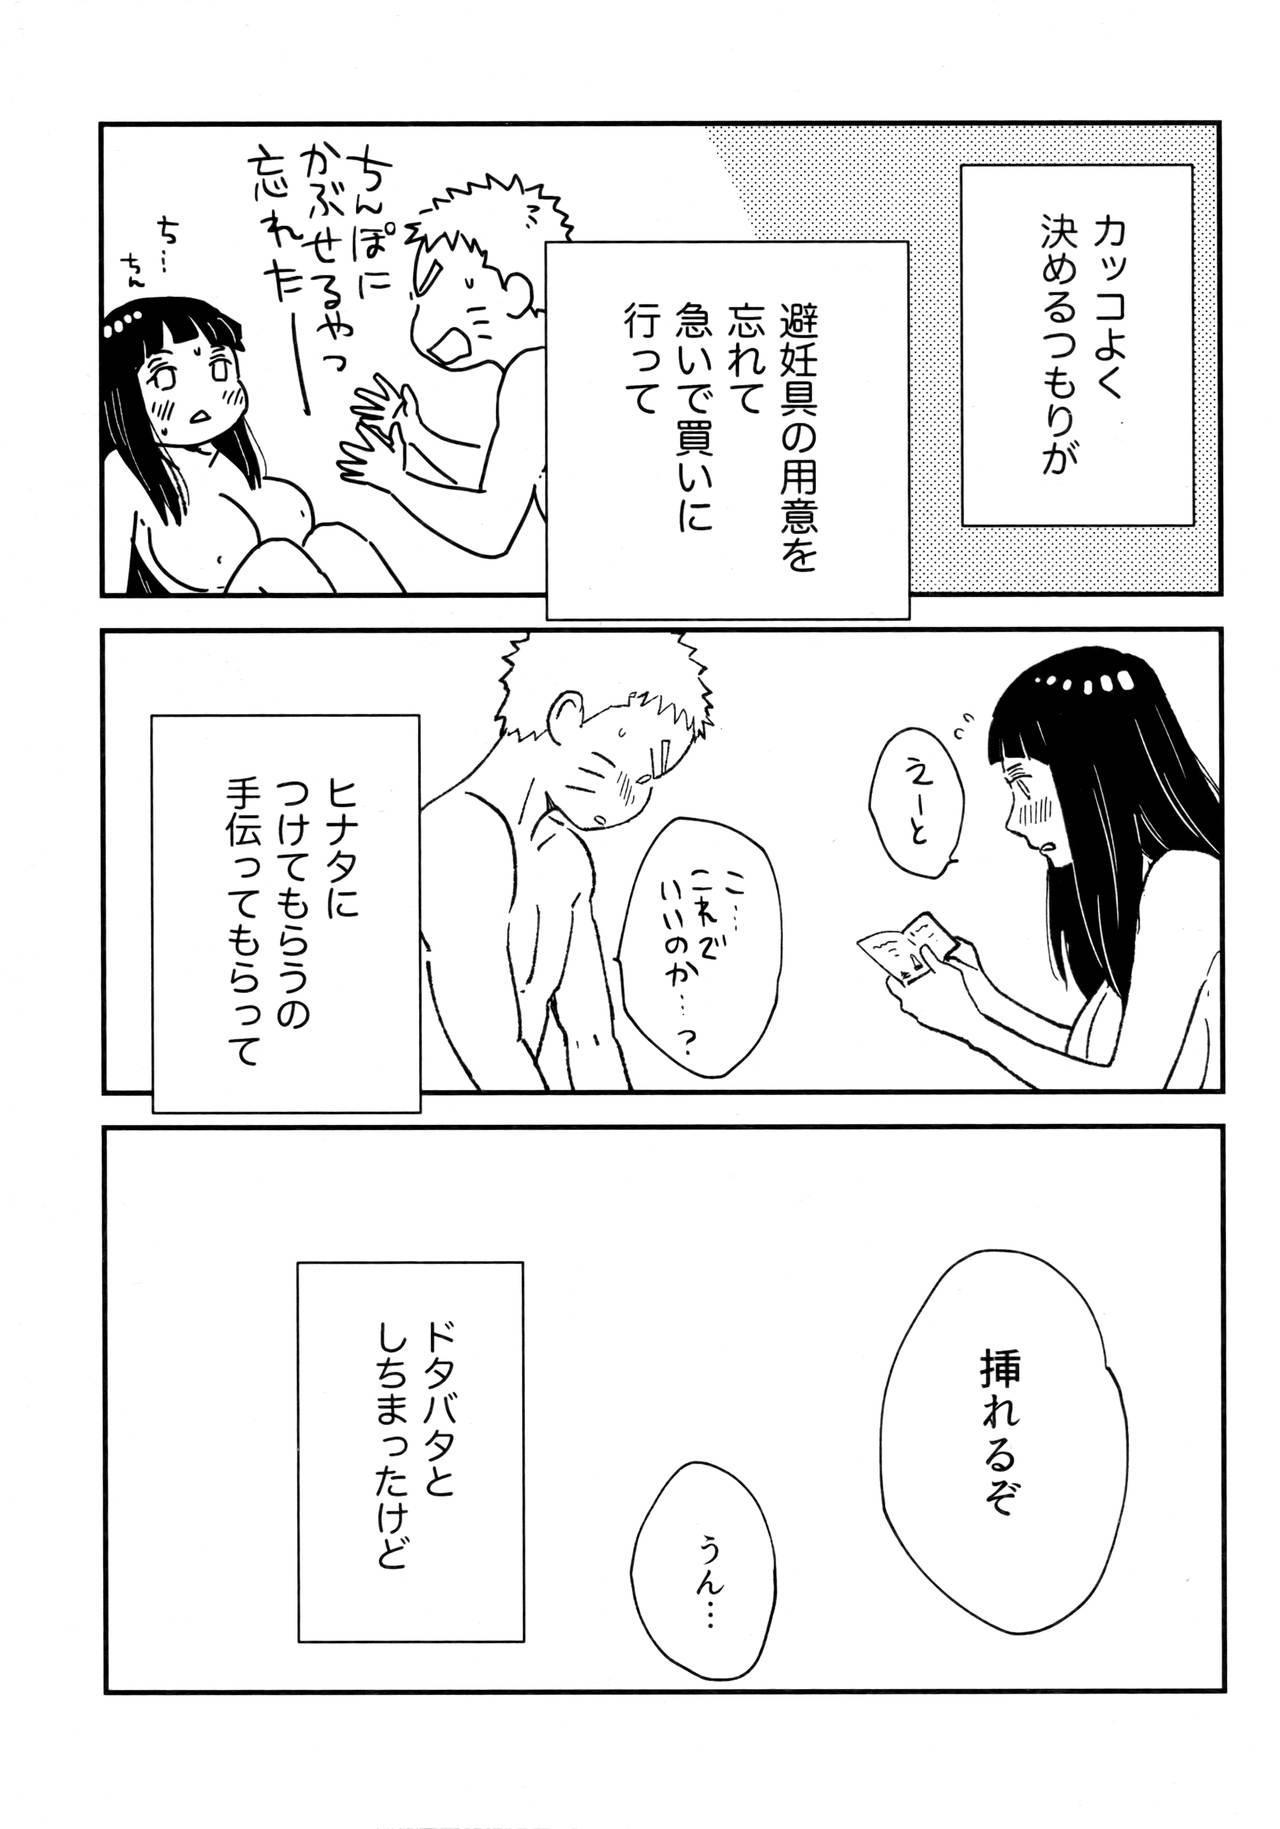 Koiwo Shiteiru Karada 3 1